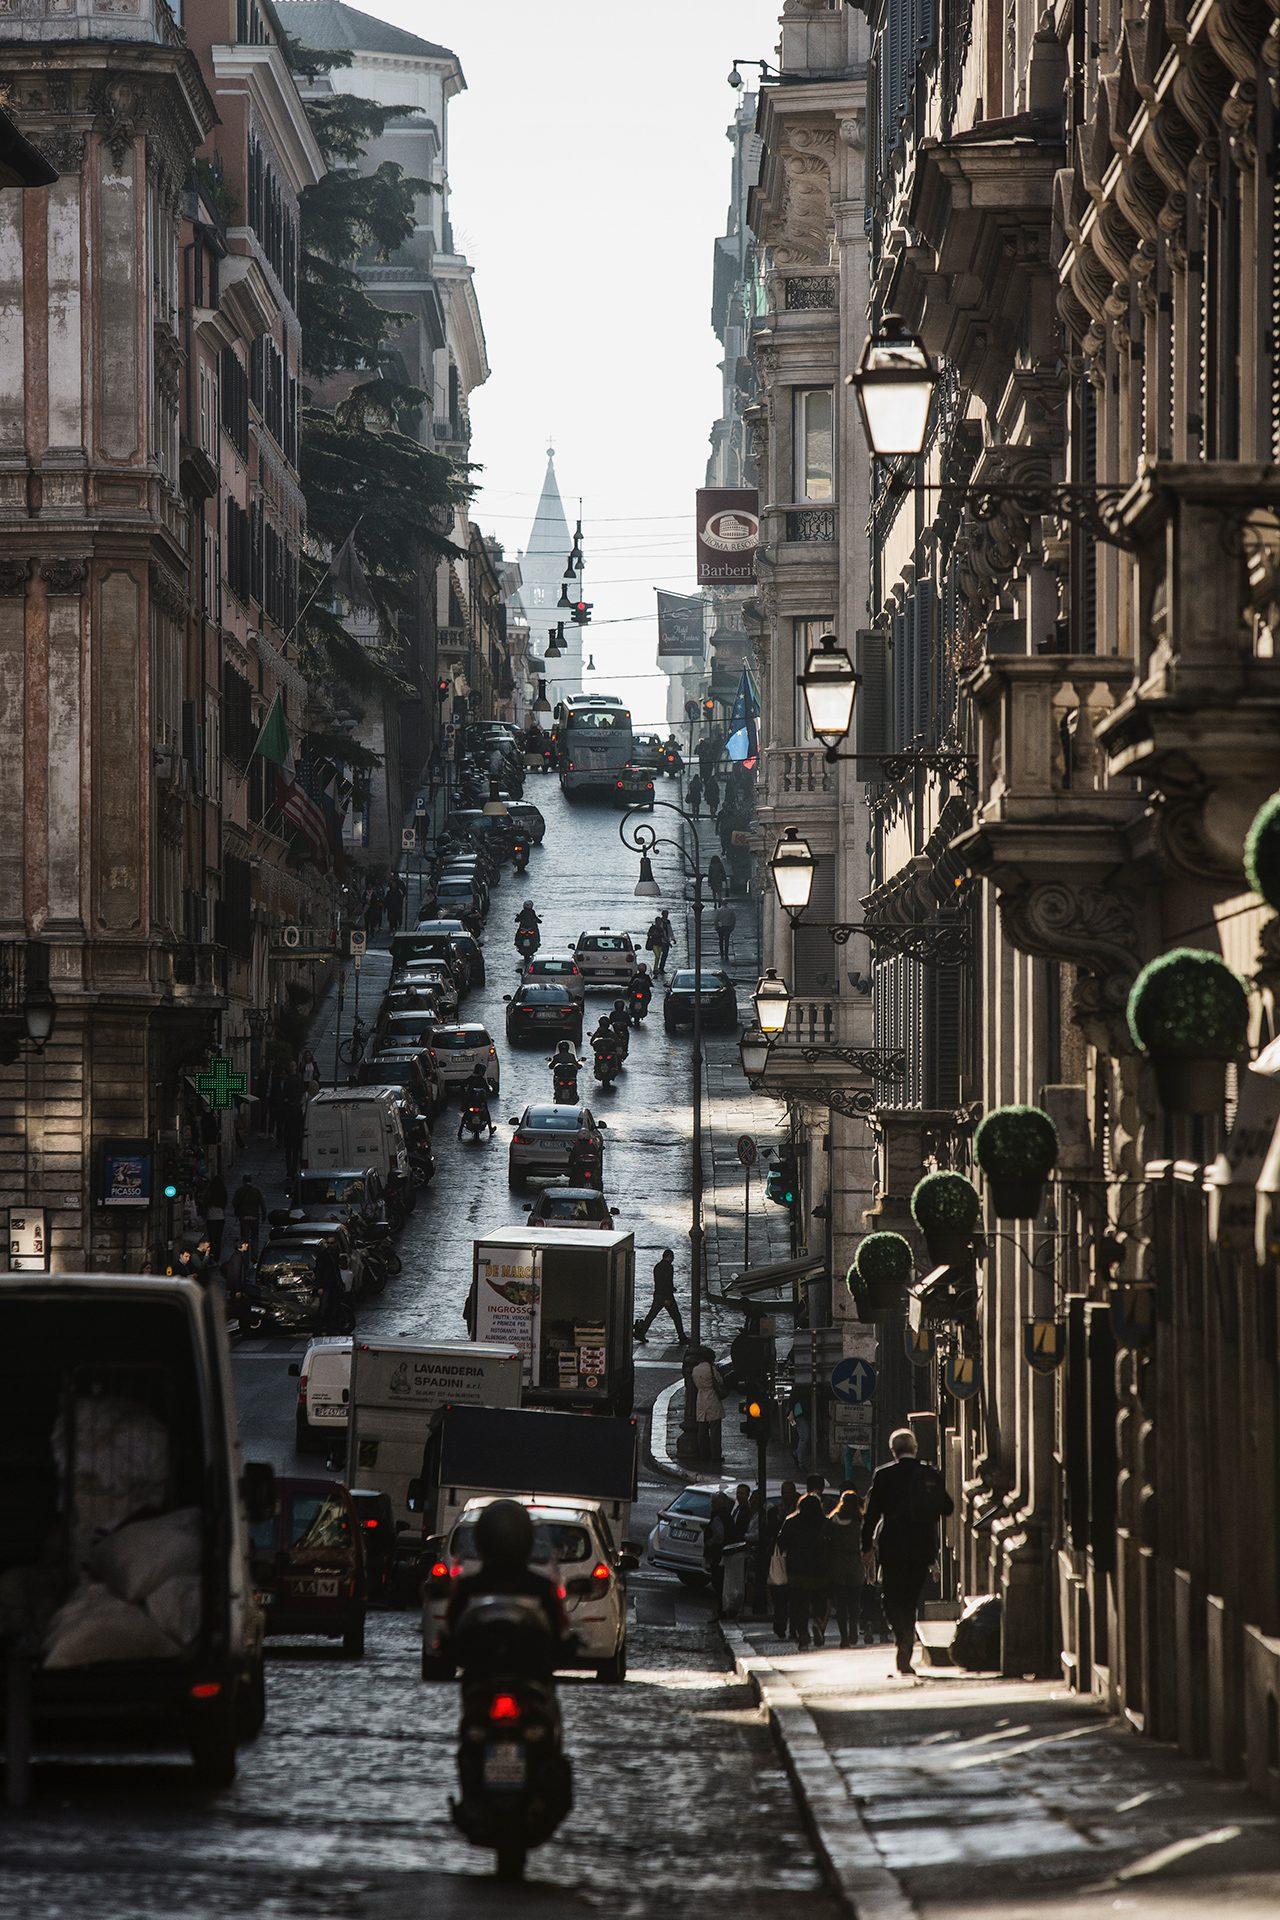 Rome, Italy, street